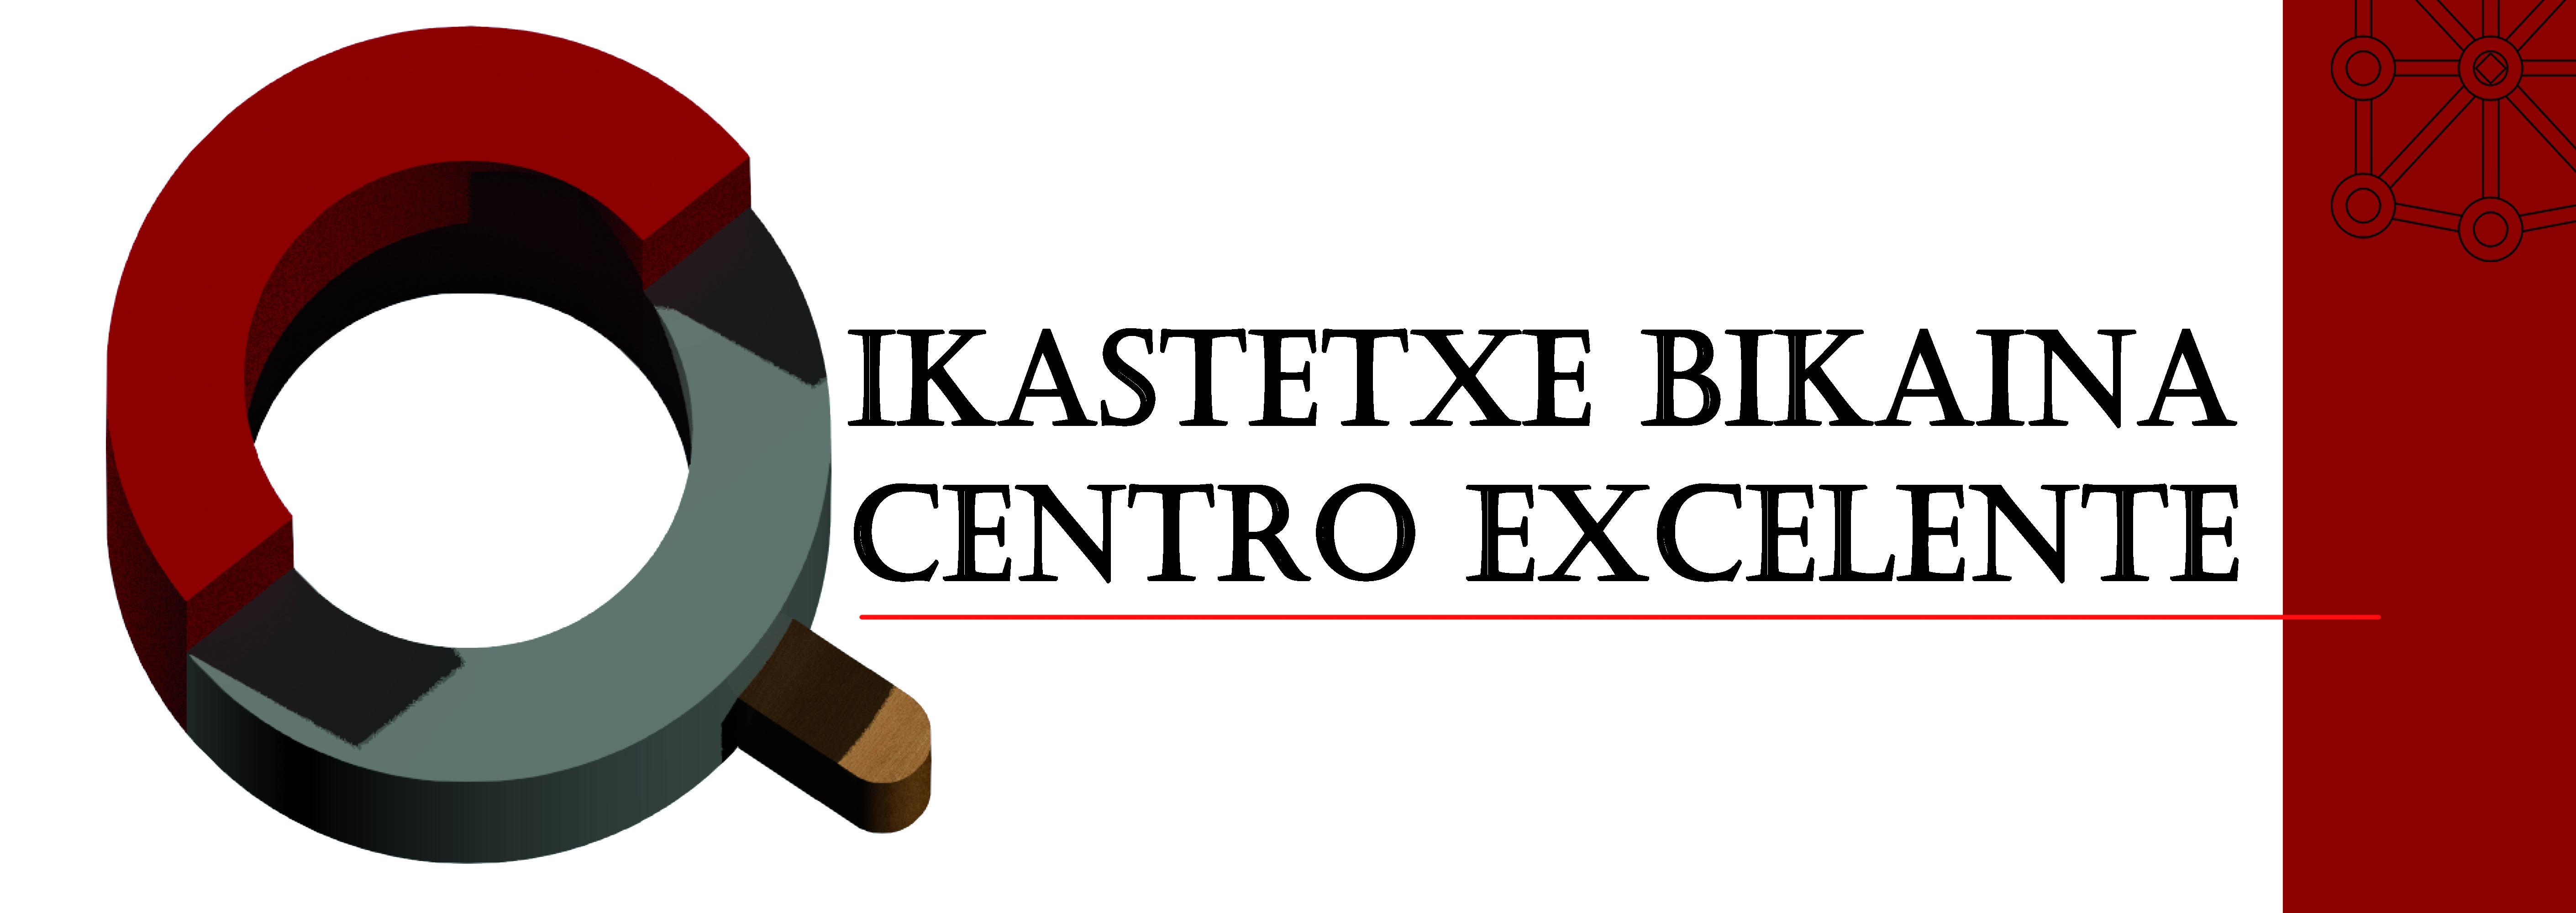 Centro Excelente/Ikastetxe bikaina